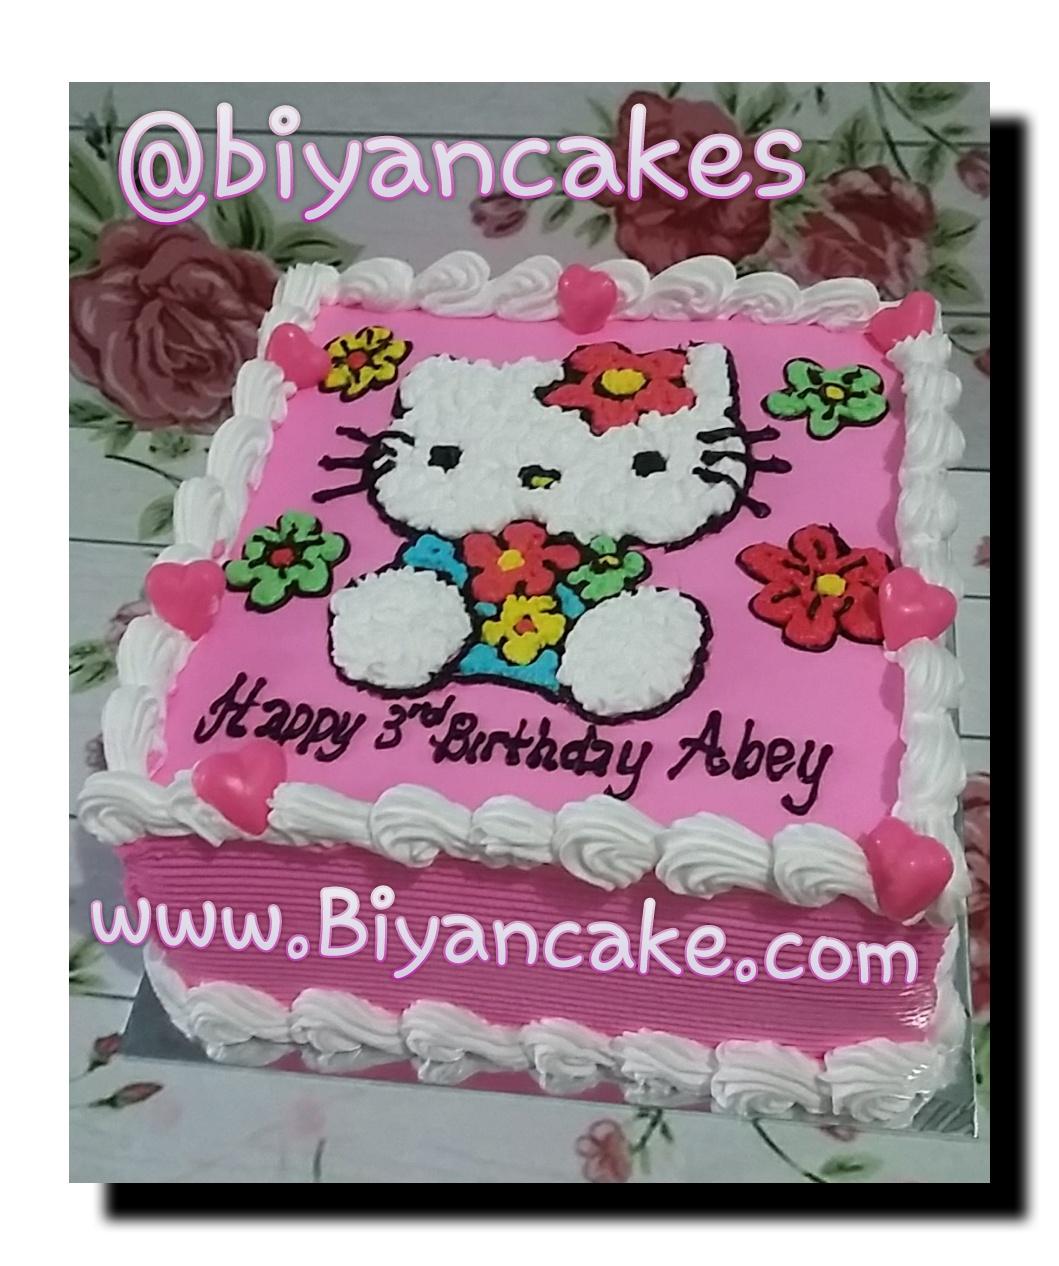 Biyancakes Toko Kue Tart Di Bekasi Kue Tart Hello Kitty